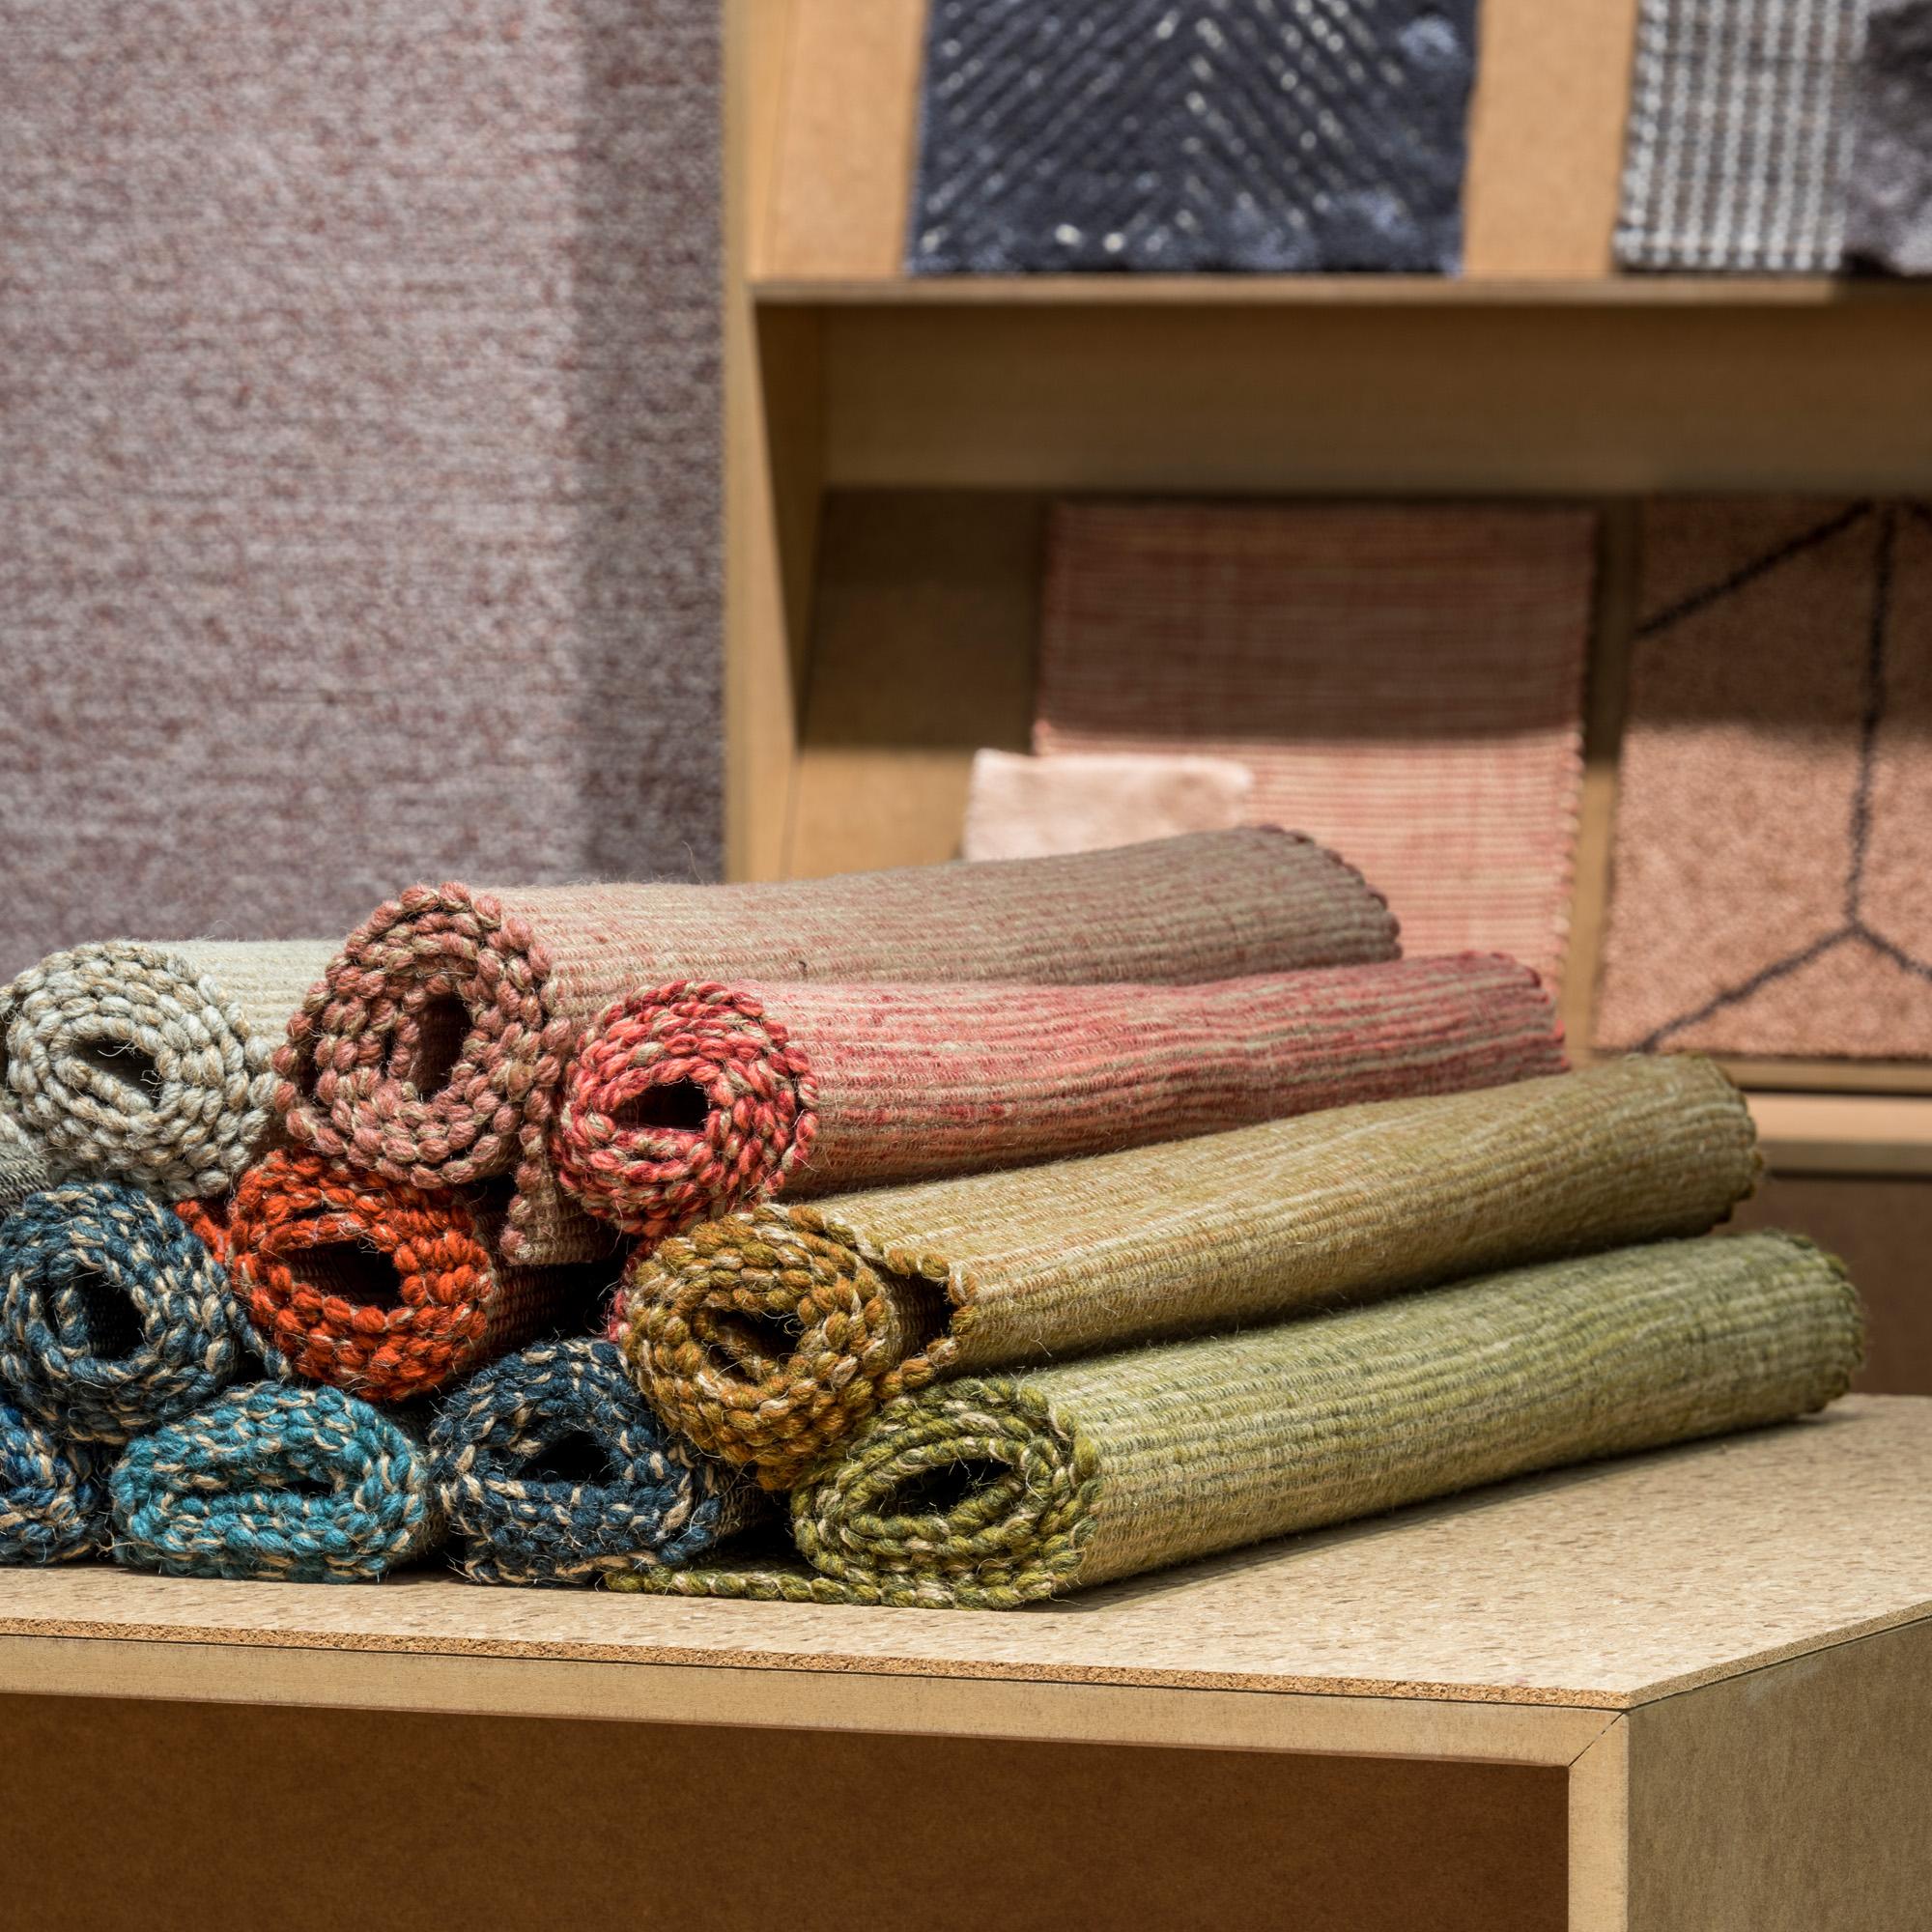 Handvävd matta Canvas från Ogeborg Design Collection ihoprullade på bord.